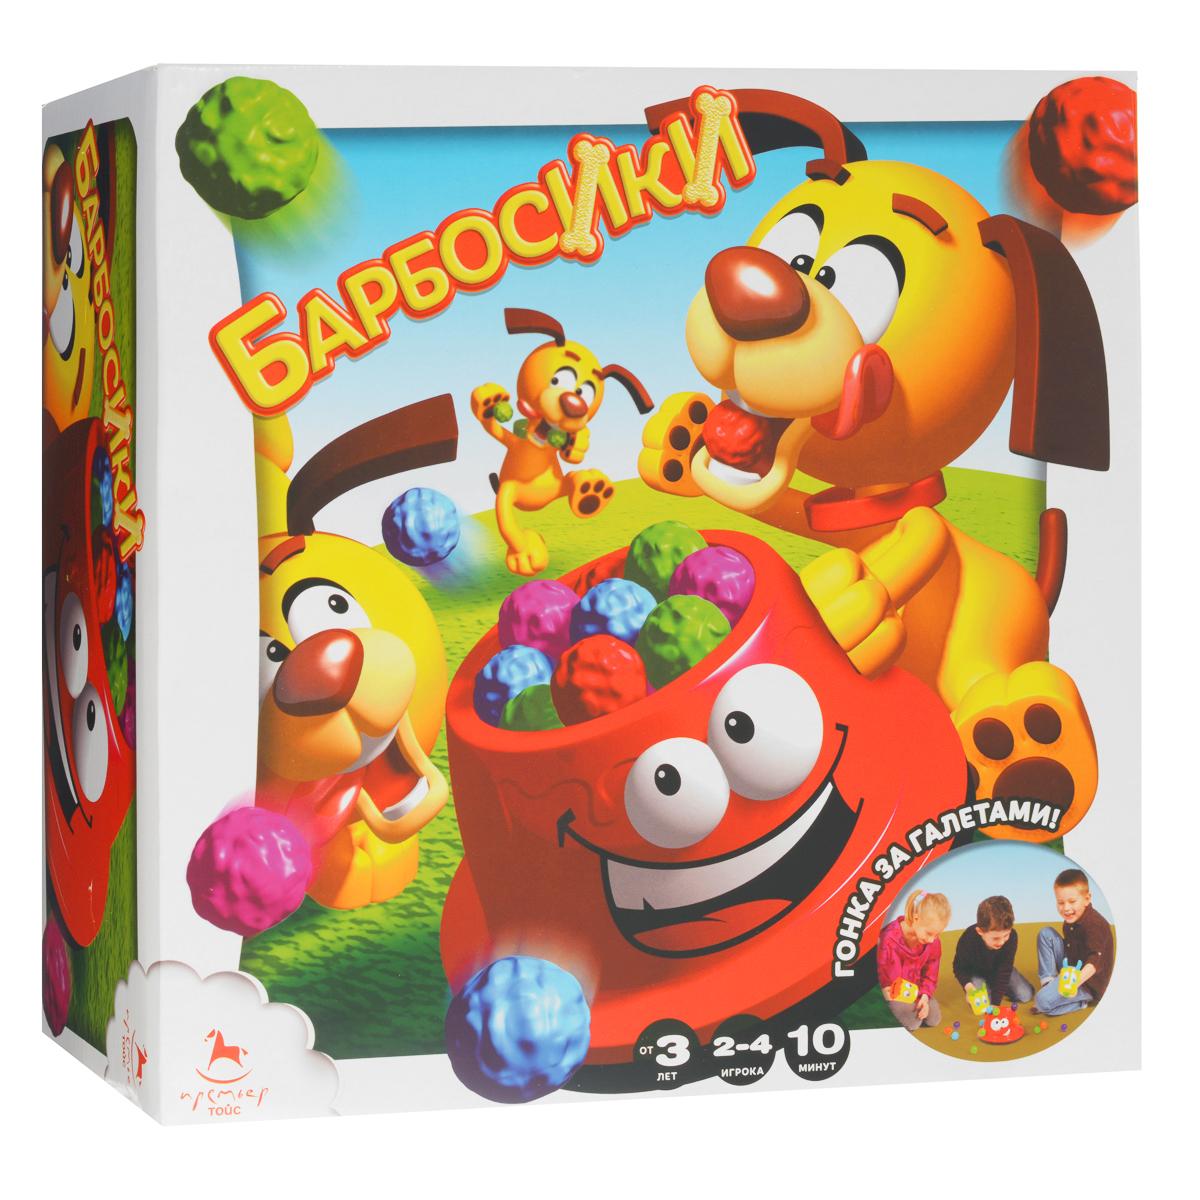 Настольная игра Asmodee БарбосикиJact03RuНастольная игра Asmodee Барбосики - это веселая подвижная игра для малышей, рассчитанная на 2-4 игроков. Цель игры - накормить своего Барбосика разноцветными шариками-галетами, а для этого нужно быстро и правильно решить забавные задания на карточках. В эту игру с одинаковым азартом будут играть как трехлетние малыши, так и младшие школьники, ведь игровой процесс в равной степени увлекает непосед разного возраста. Игра не требует длительного изучения правил: выберите цвет своего Барбосика, наденьте на ковш соответствующую крышку, наклейте наклейки. Теперь щенки готовы кушать! Опустите дно миски до упора и потяните за косточку-рычаг. Насыпьте внутрь цветные шарики и нажмите на лапку - шарики начнут подниматься, а затем будут выпадать наружу. Как только шарики упадут на пол - можно приступать к игре. Ударяйте по шарикам ковшиком, чтобы собрать их внутрь. Дети будут состязаться друг с другом, развивая зрительно-моторную координацию, внимательность, цветовое восприятие,...